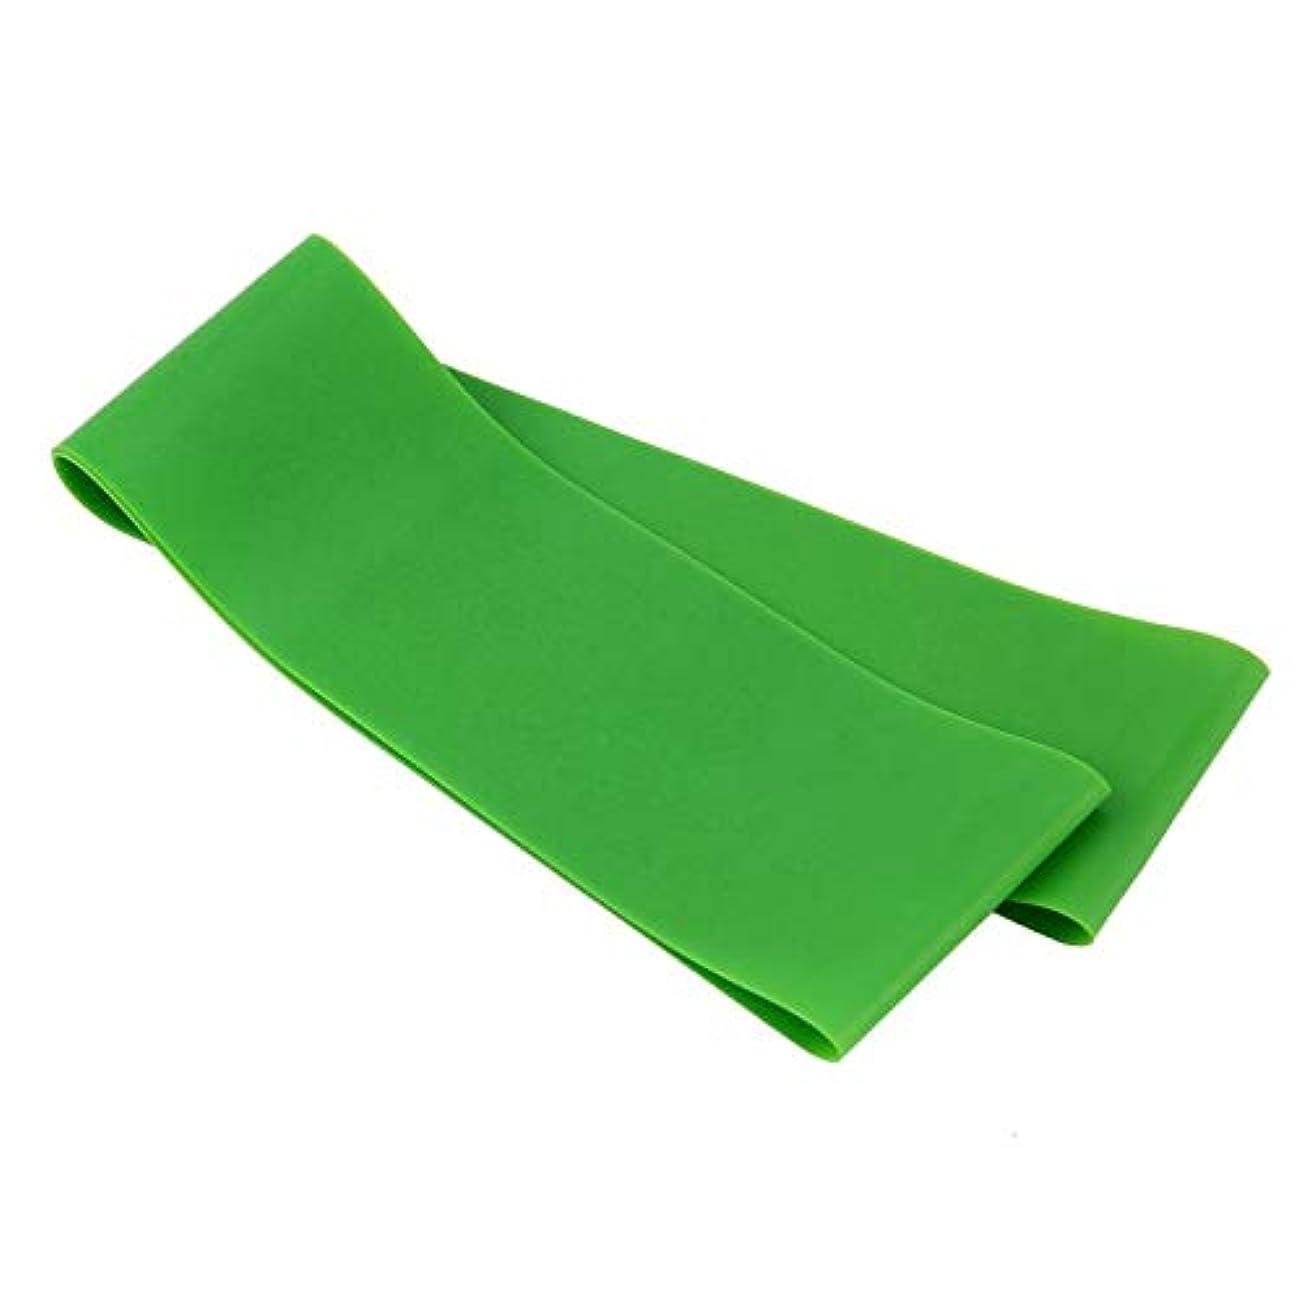 ダウン輝くアラーム滑り止め伸縮性ゴム弾性ヨガベルトバンドプルロープ張力抵抗バンドループ強度のためのフィットネスヨガツール - グリーン